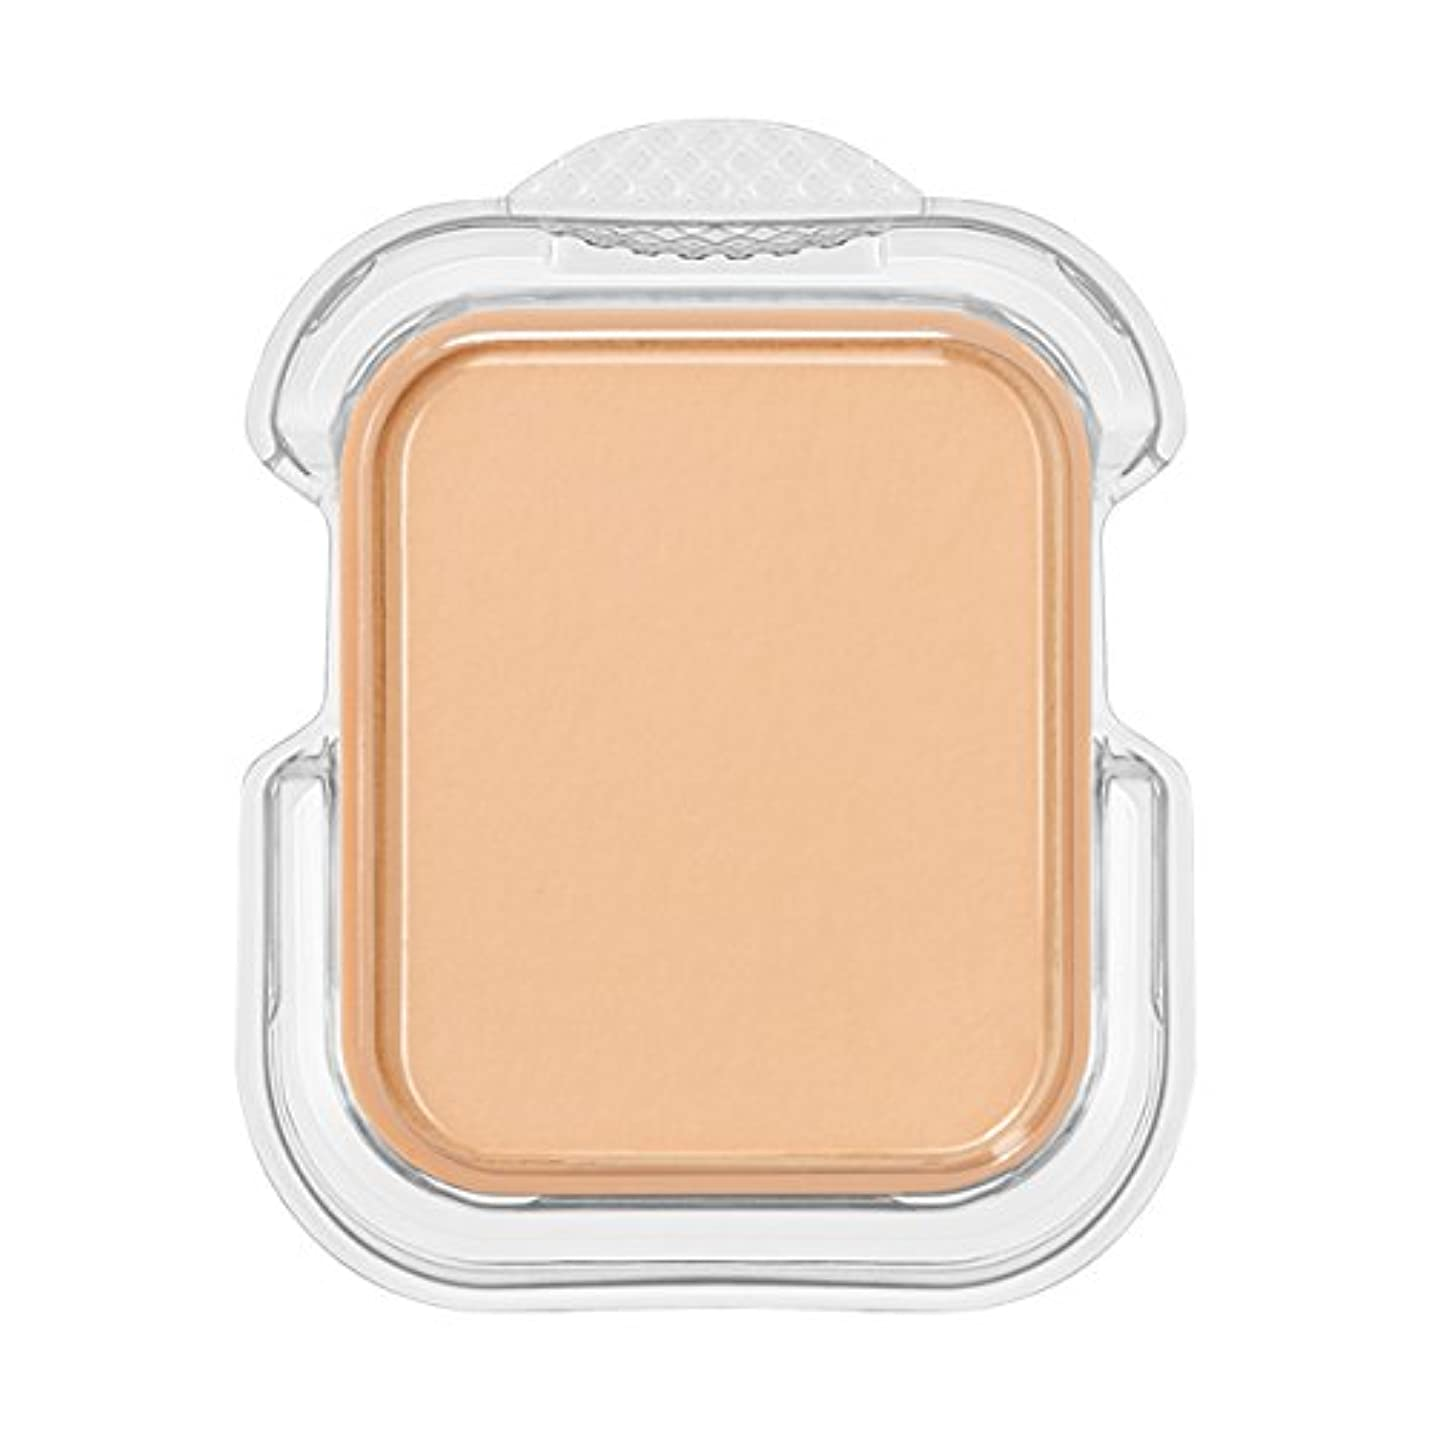 内側解釈的割合エリクシール スキンアップ パクト ピンクオークル10 (レフィル) 10g